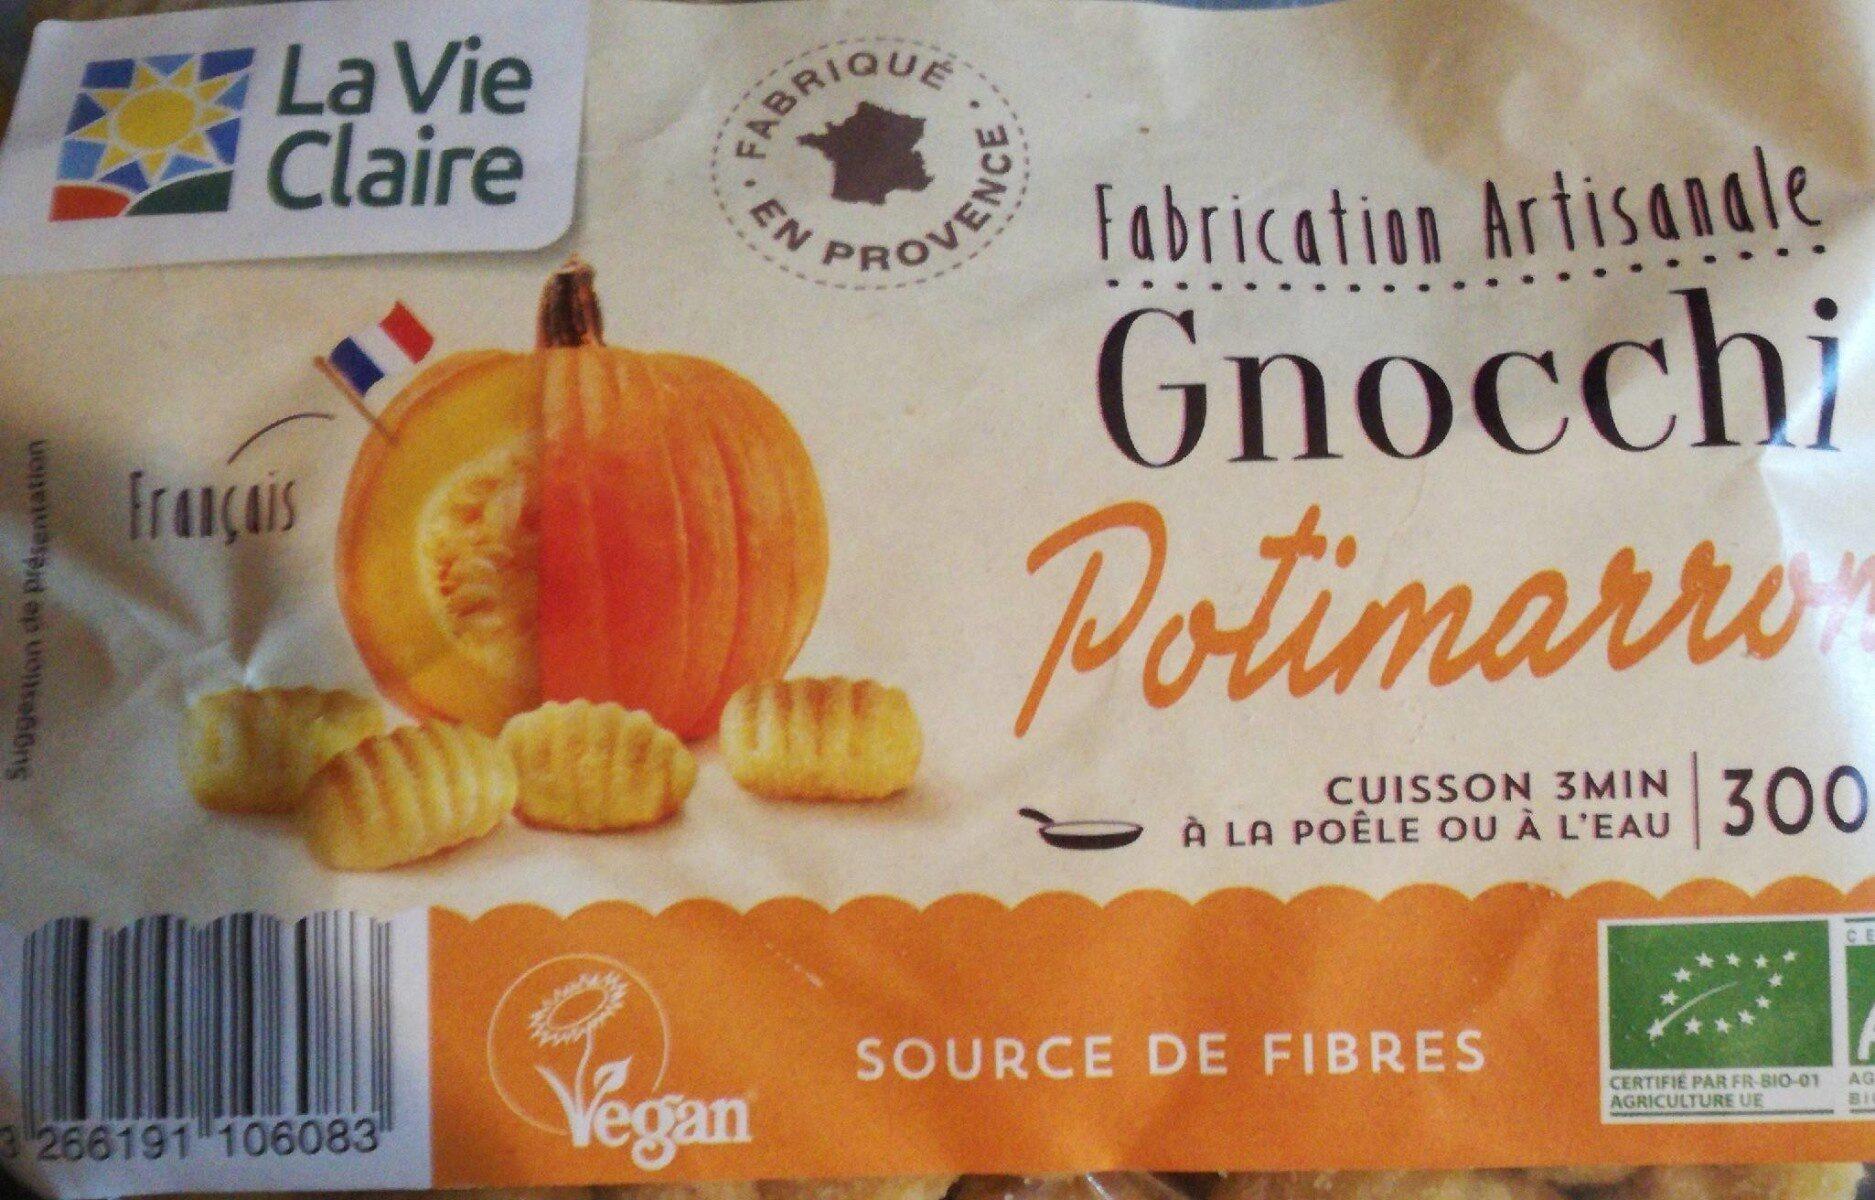 Gnocchi potimarron - Produit - fr